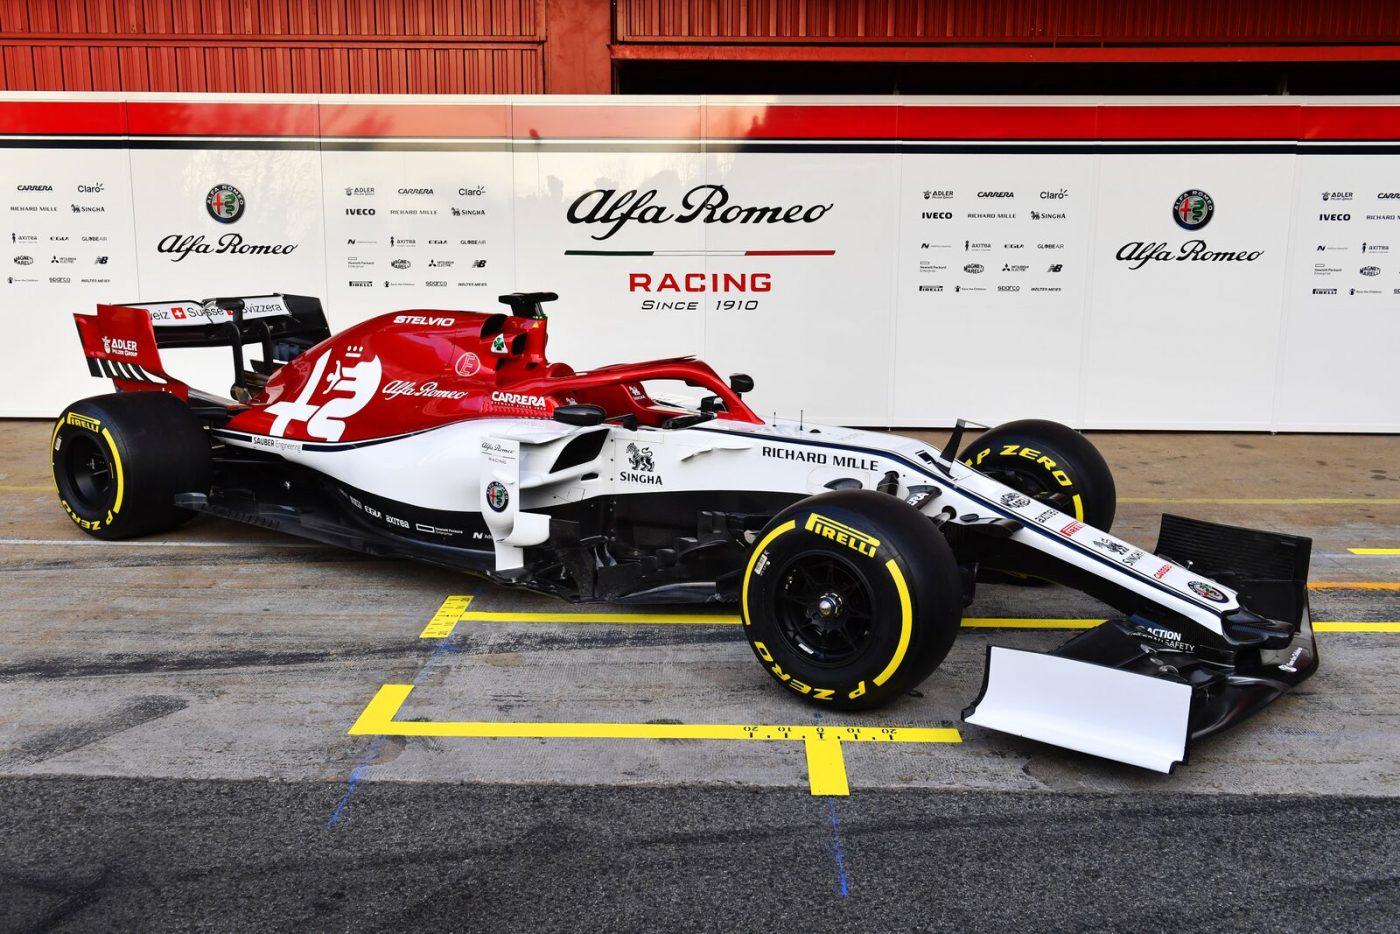 alfa-romeo-racing-2019-f1-car